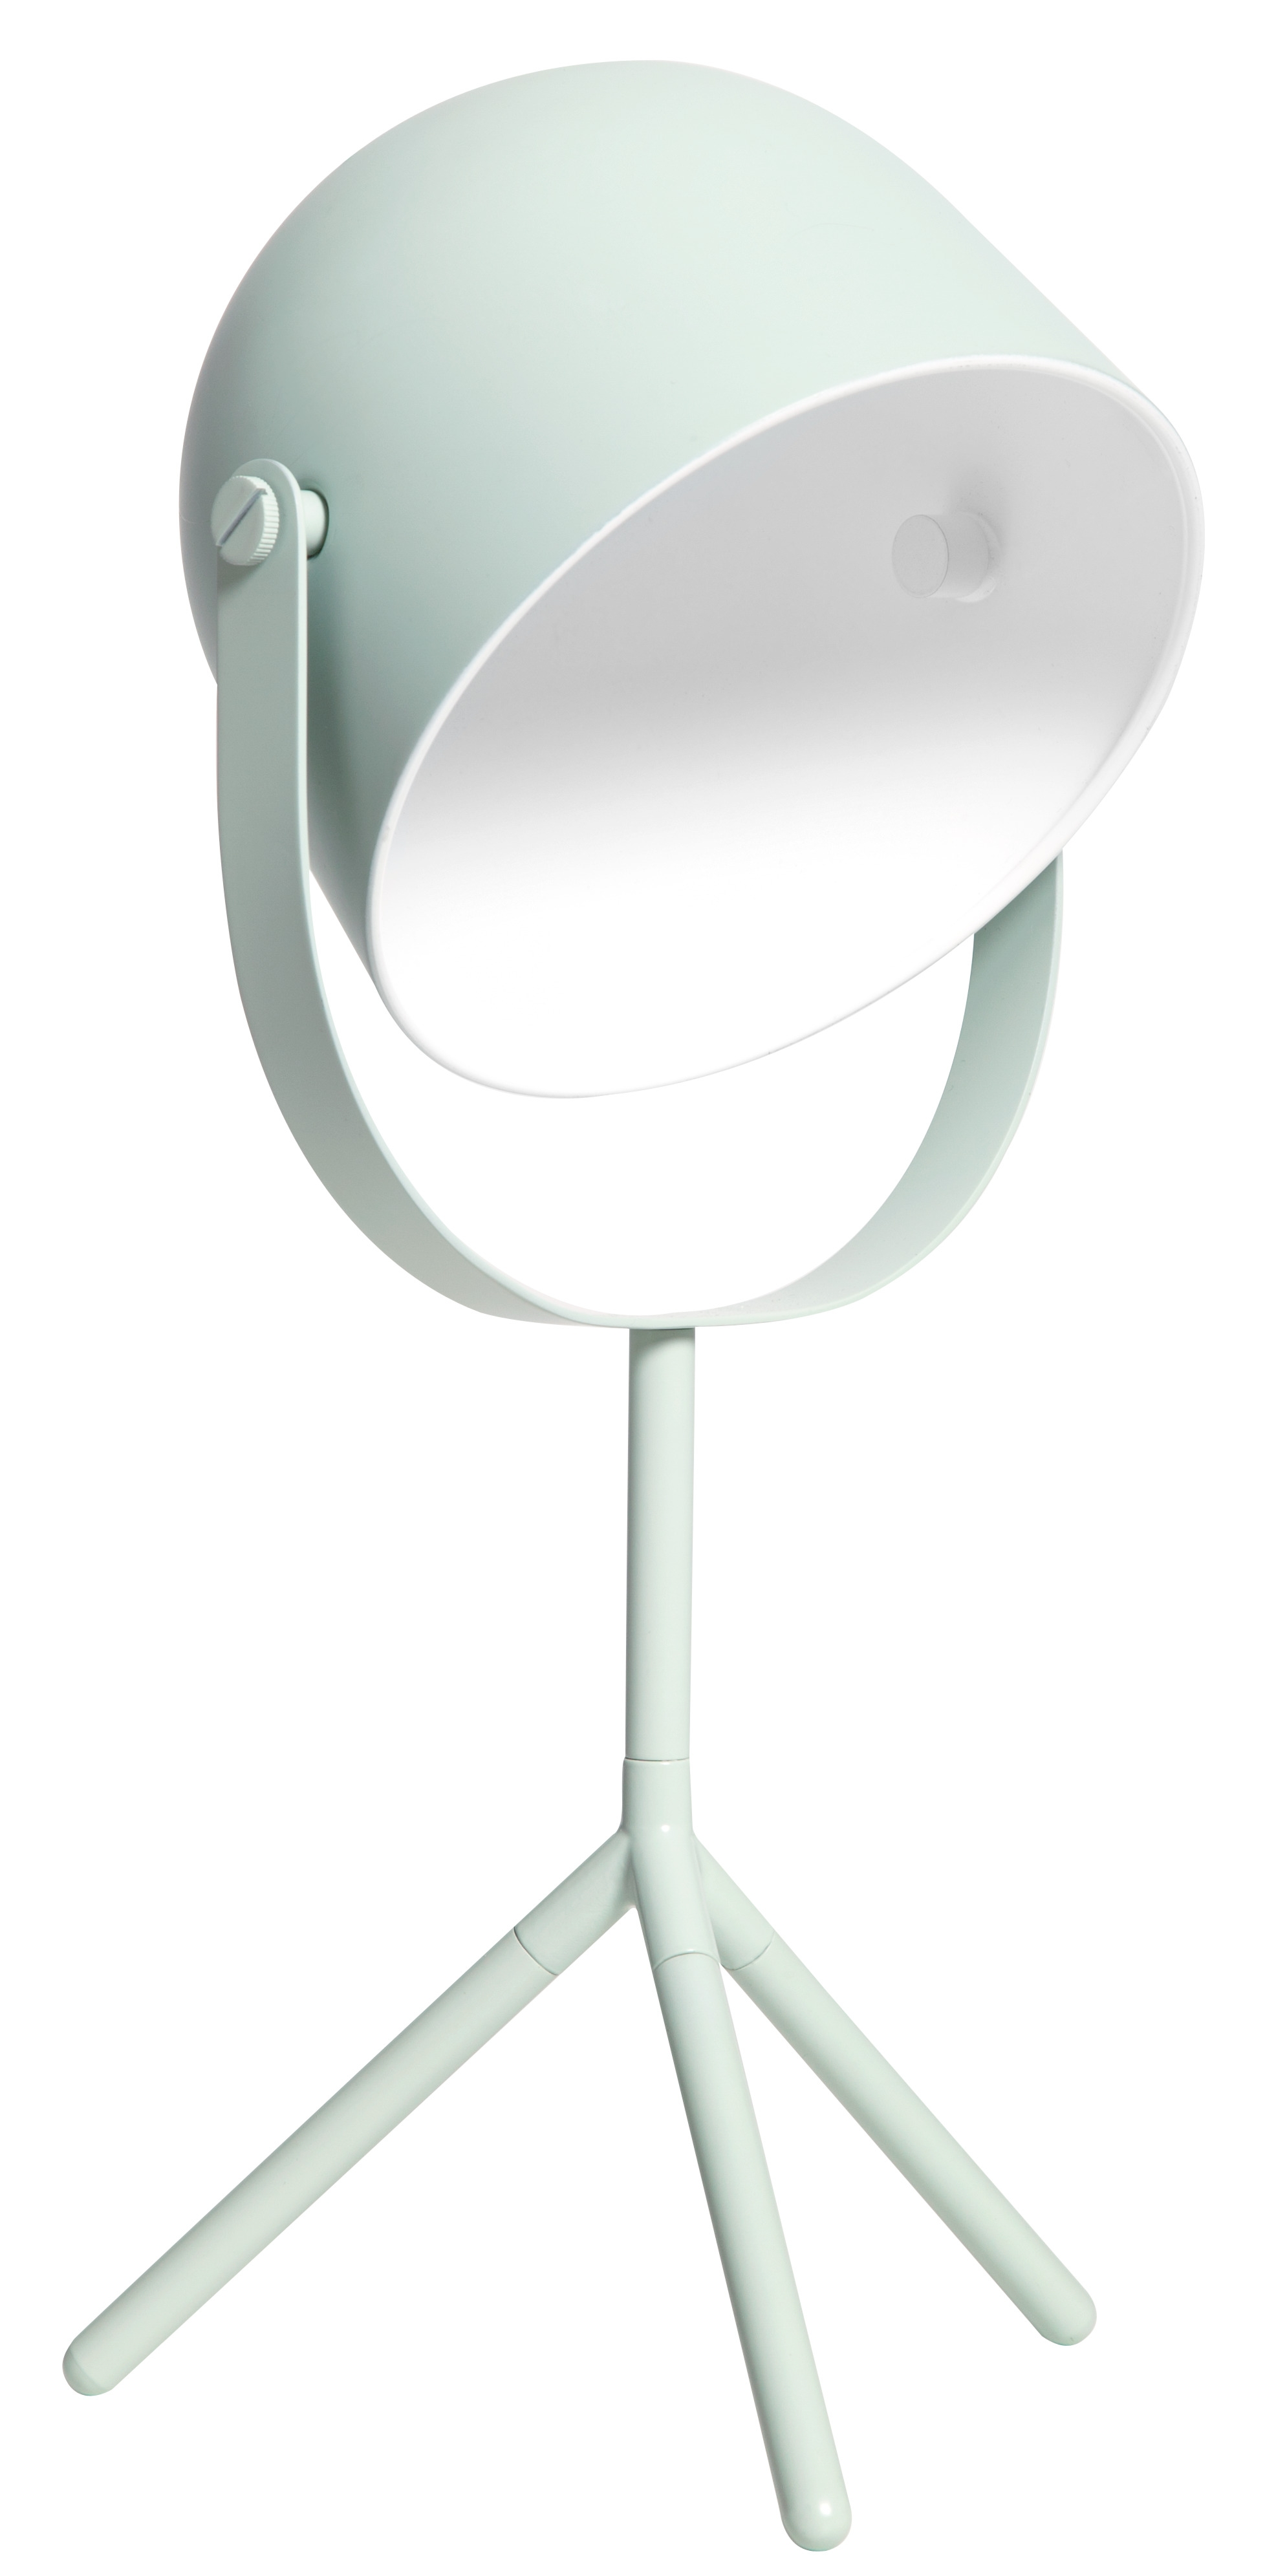 FLEXA Monty Bordslampa - Mintgrön